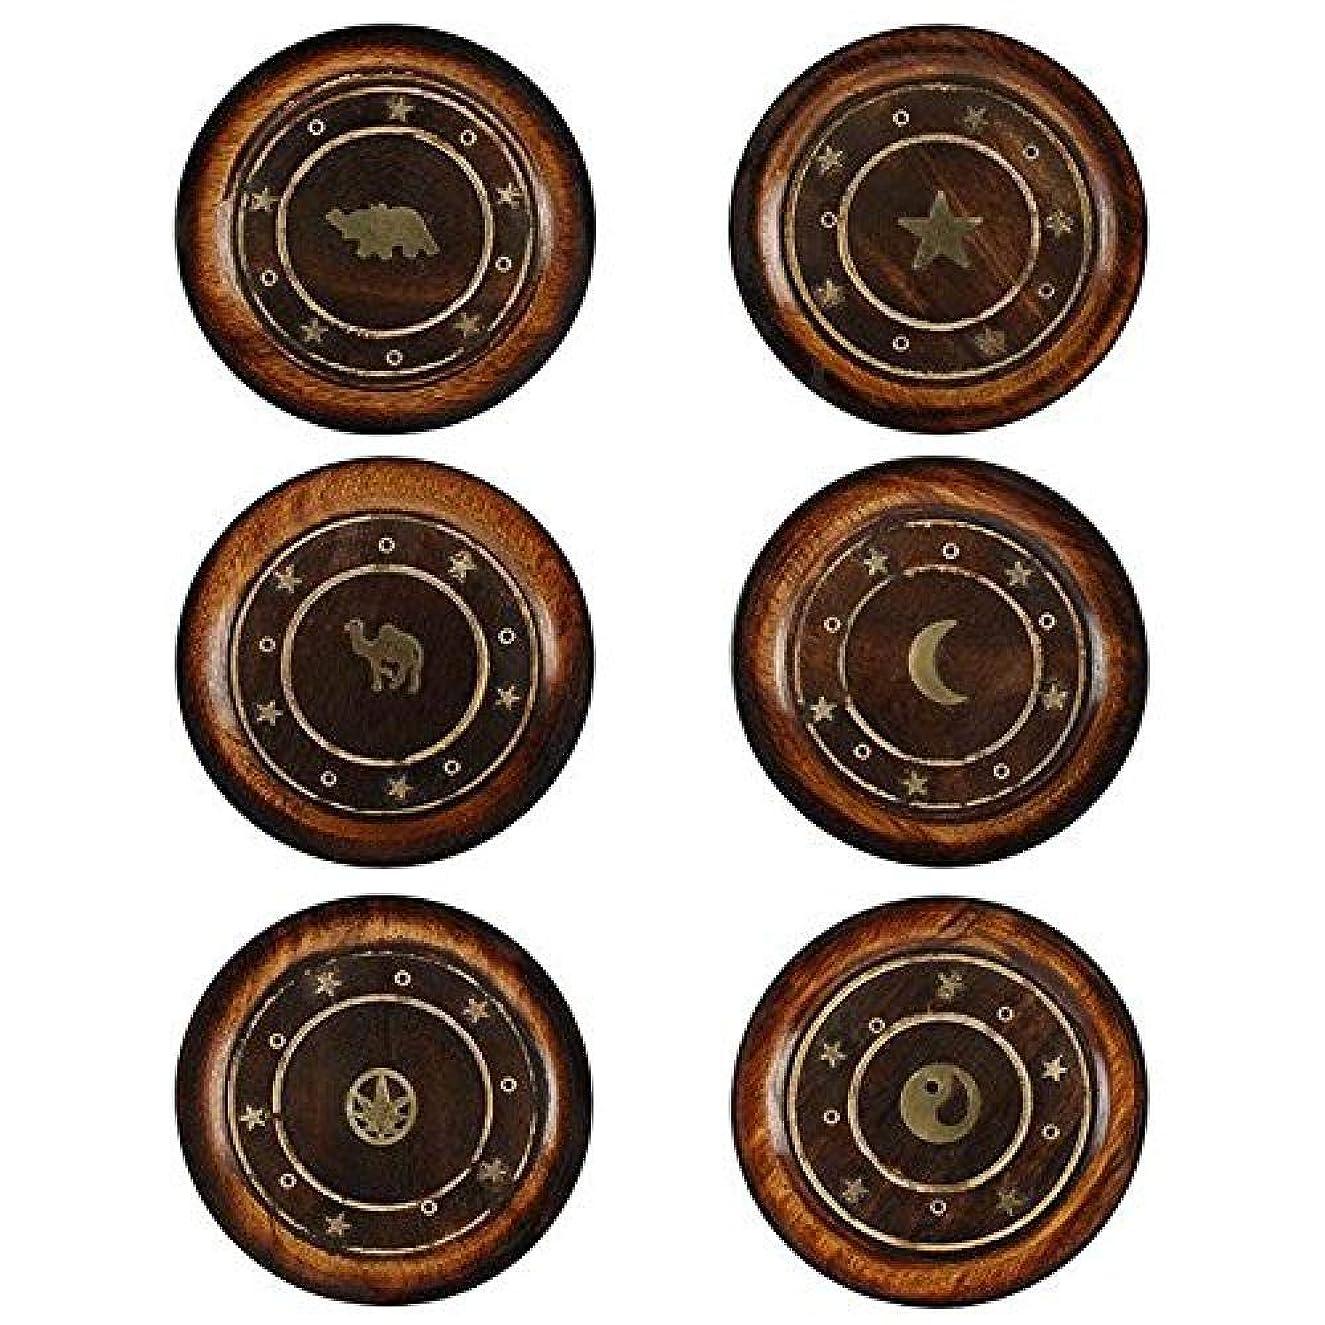 プライバシー管理偉業Mangowood Round Plate Incense Holder with Brass Inlay